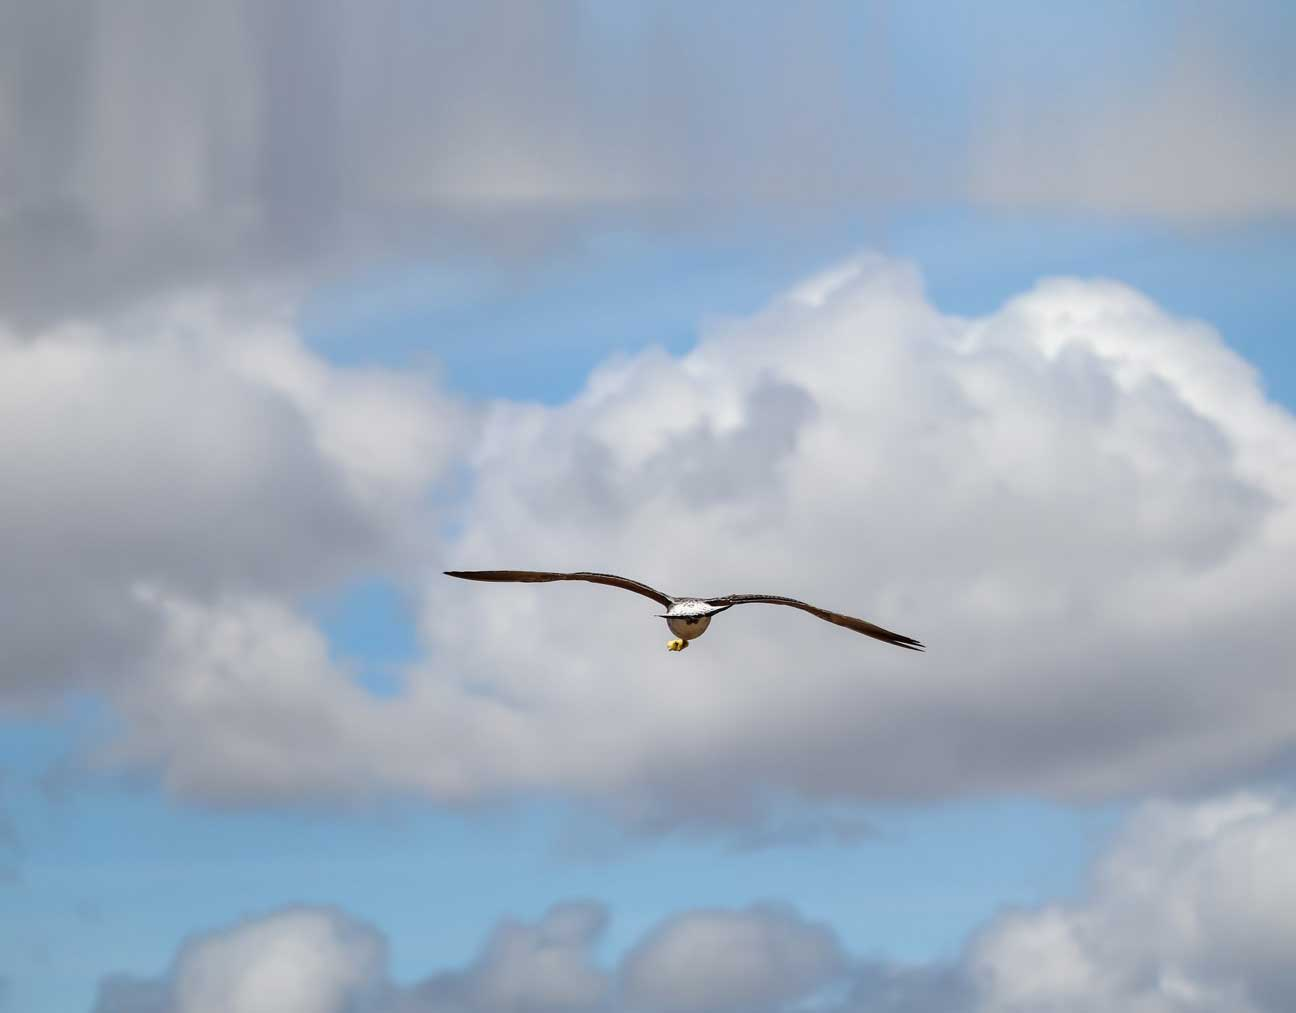 Mein Traum vom Fliegen